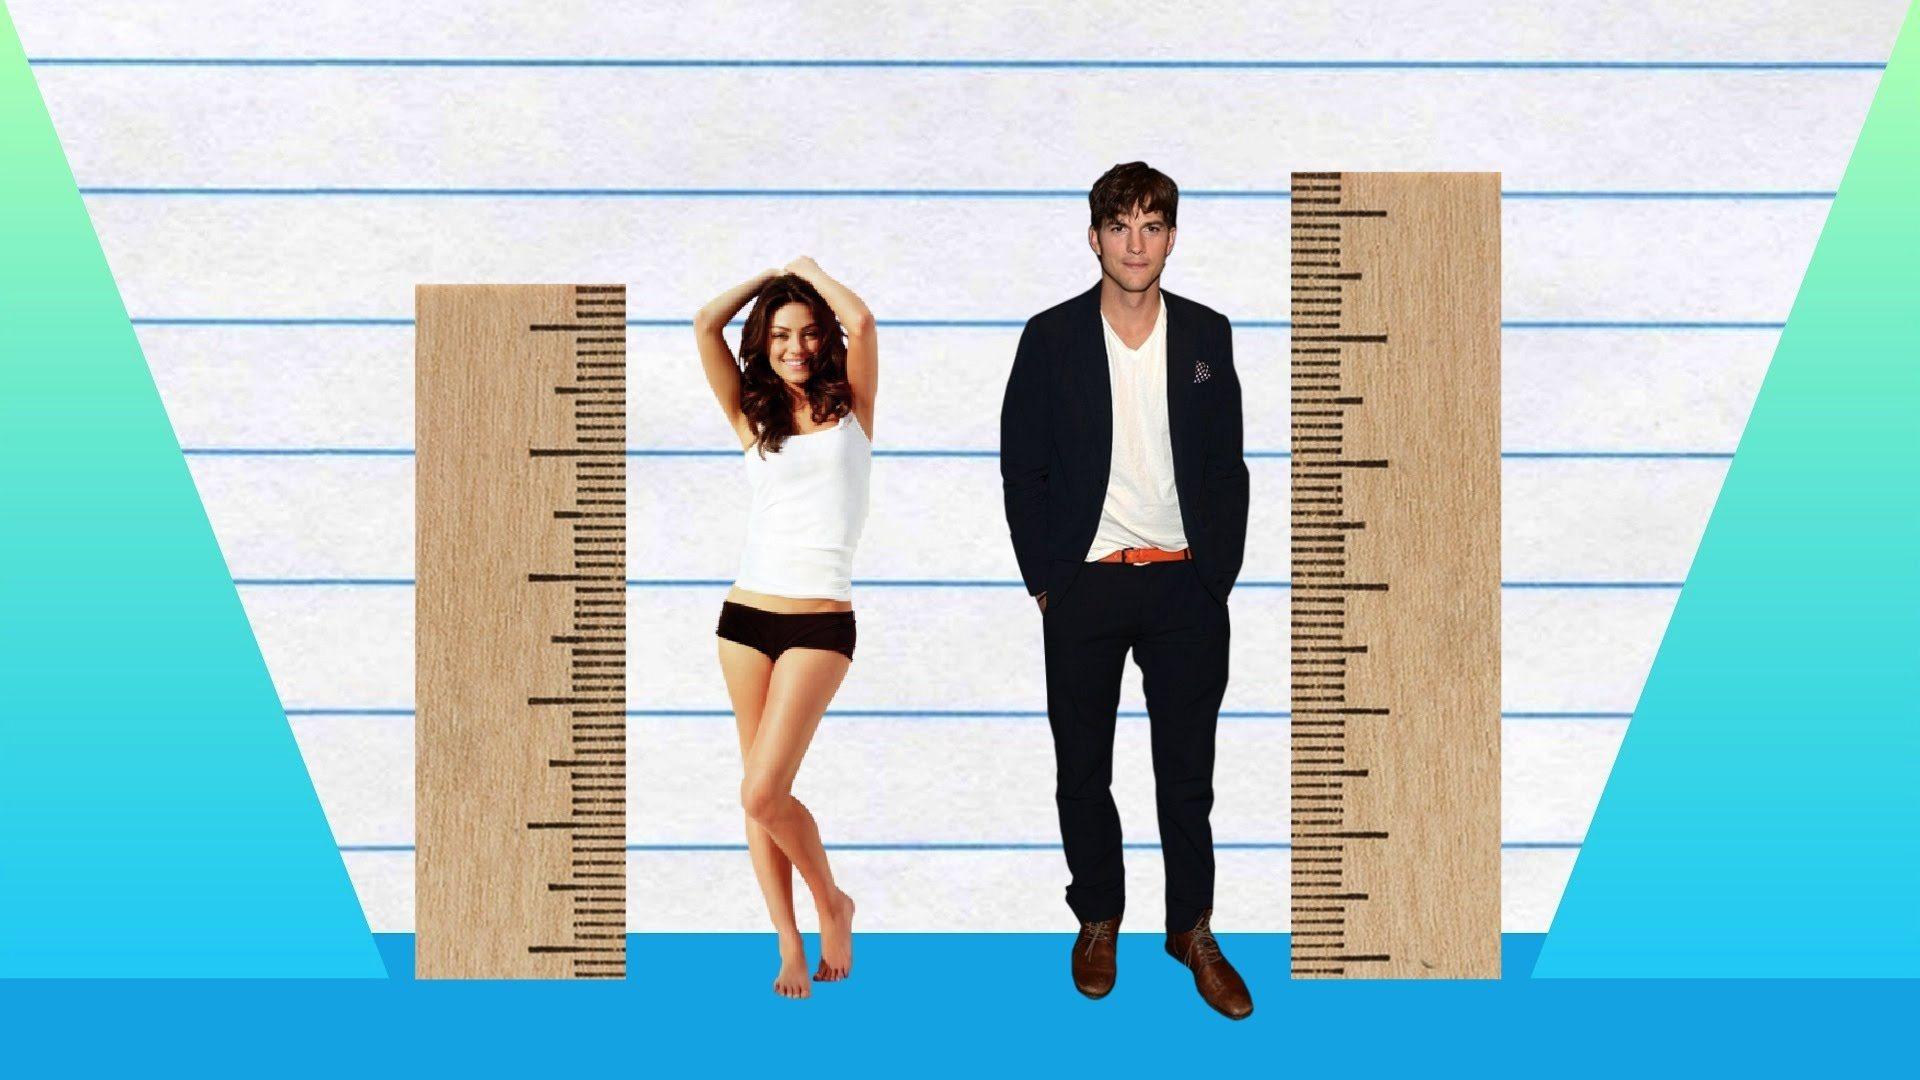 Mila Kunis' height 5